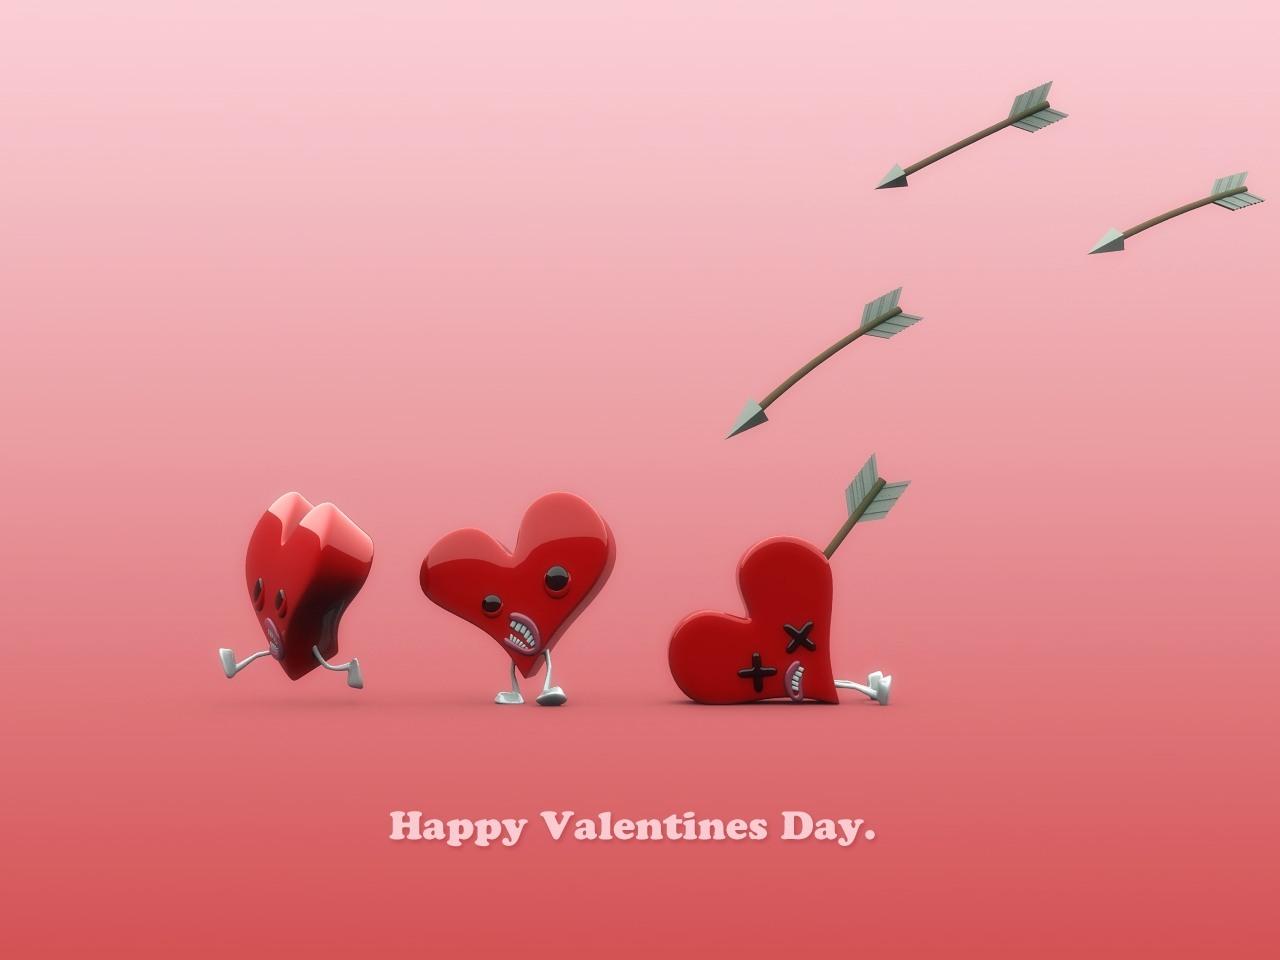 loi-chuc-y-nghia-ngay-valentine-4